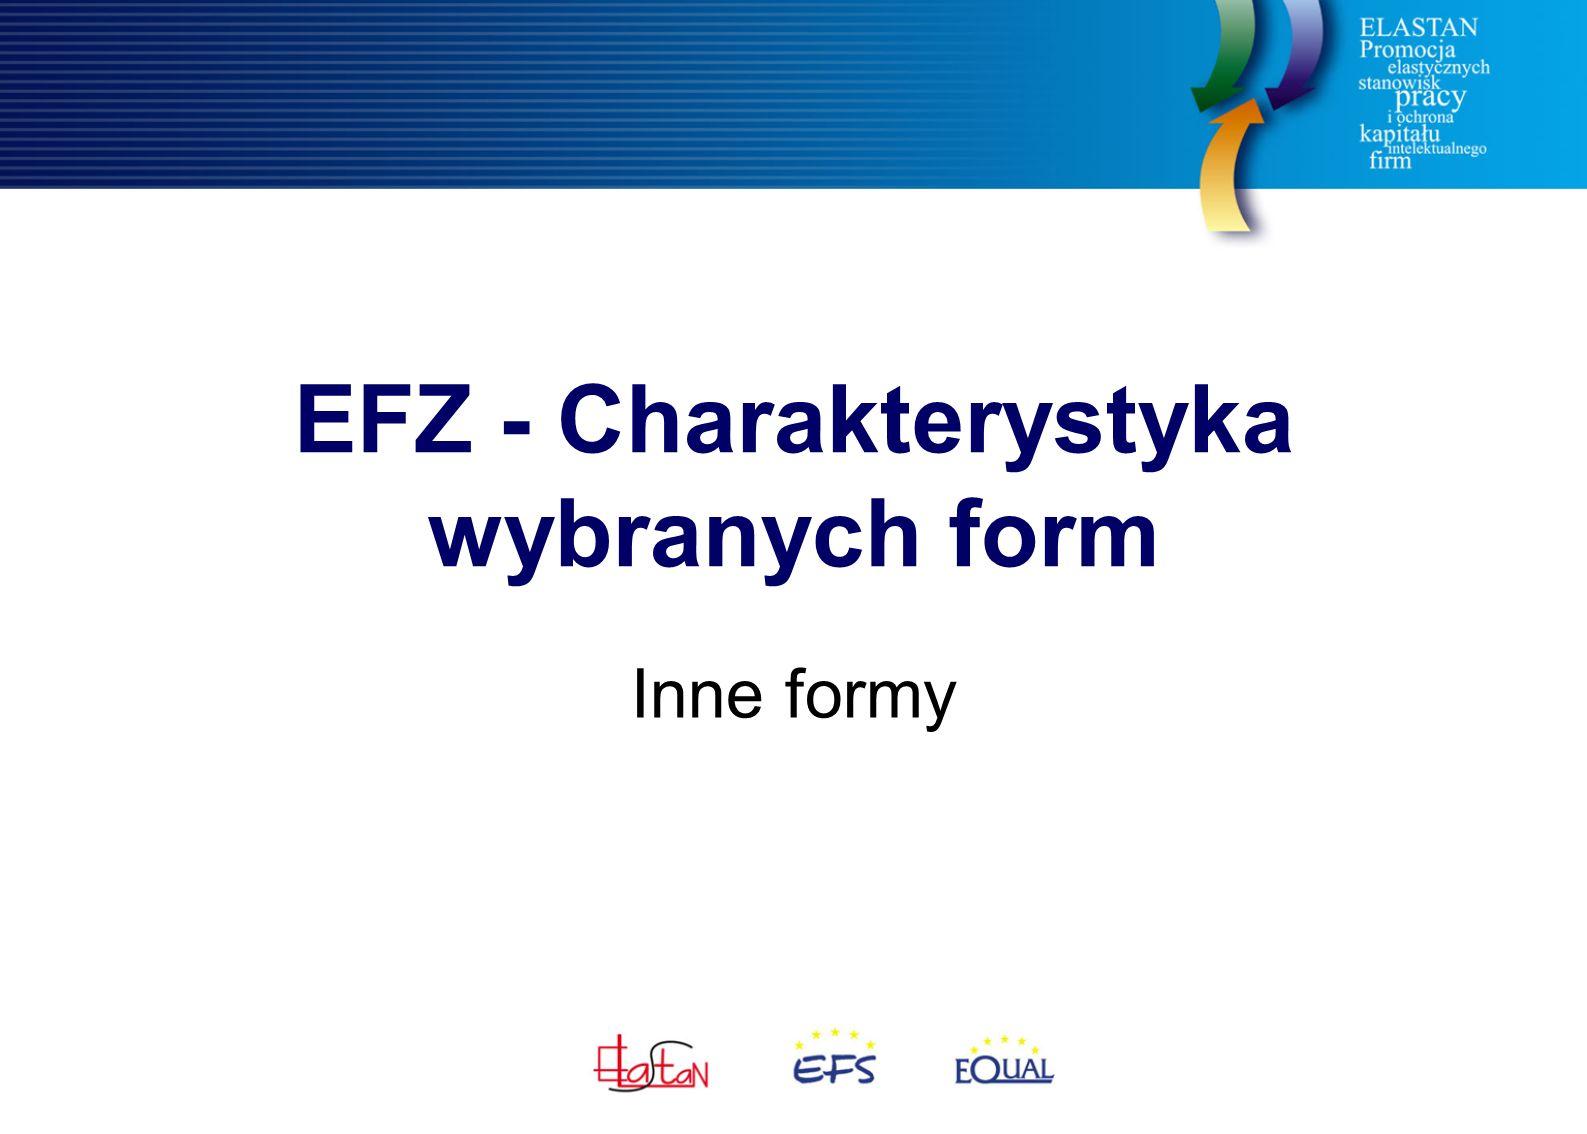 EFZ - Charakterystyka wybranych form Inne formy